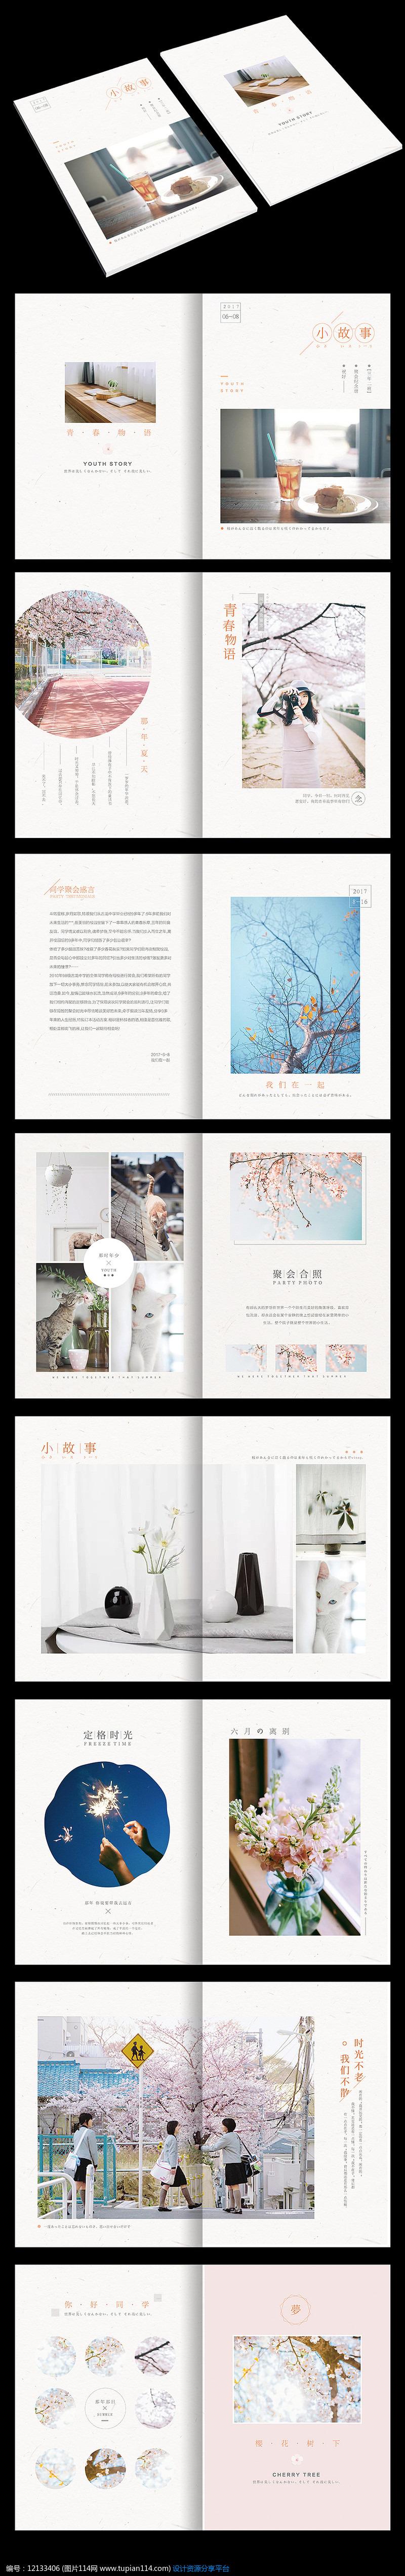 小清新同学聚会纪念画册模板